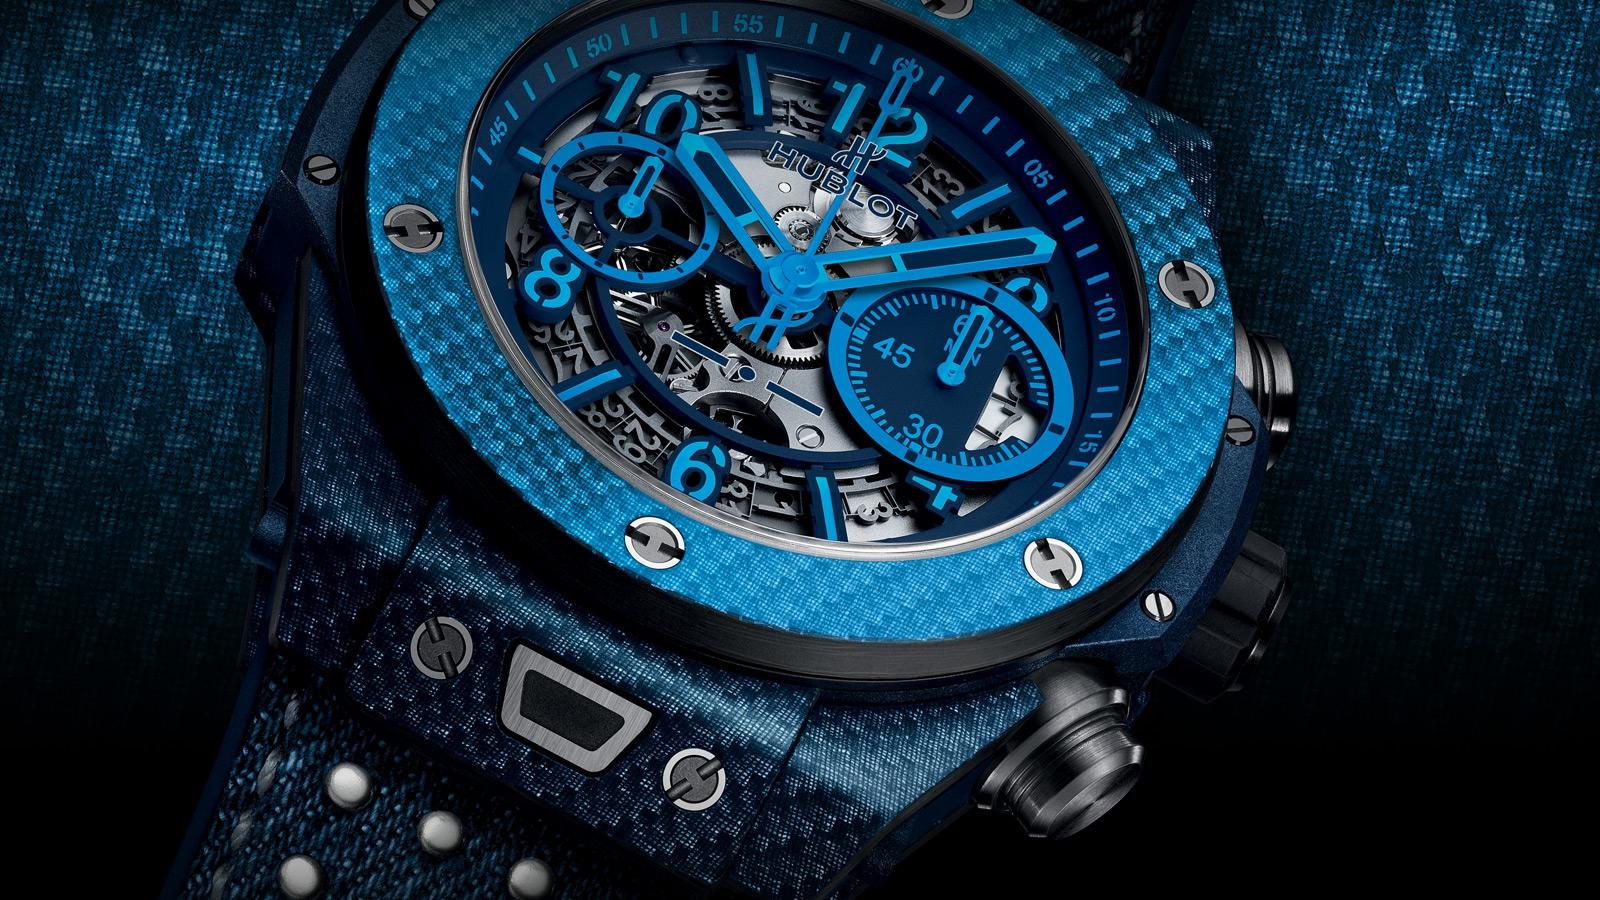 watches-hublot-big-bang-chicago-geneva-seal-4